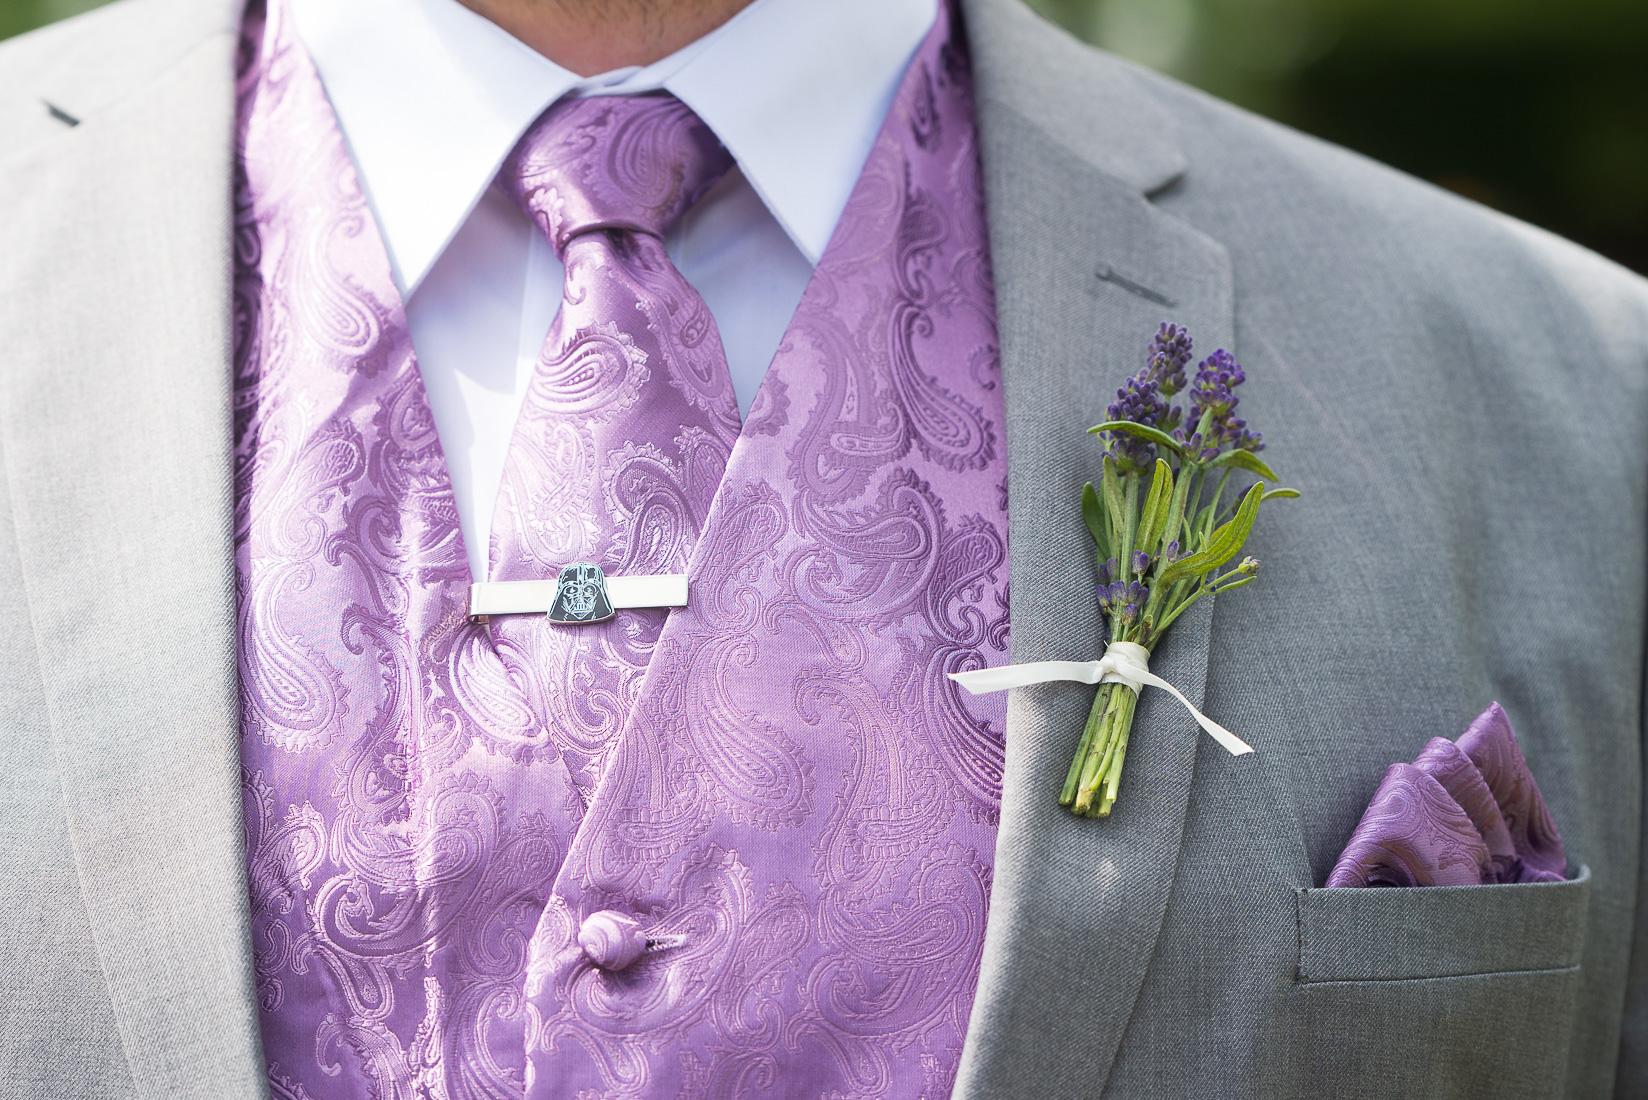 Manor-SouthOrange-NJ-wedding-0004.jpg